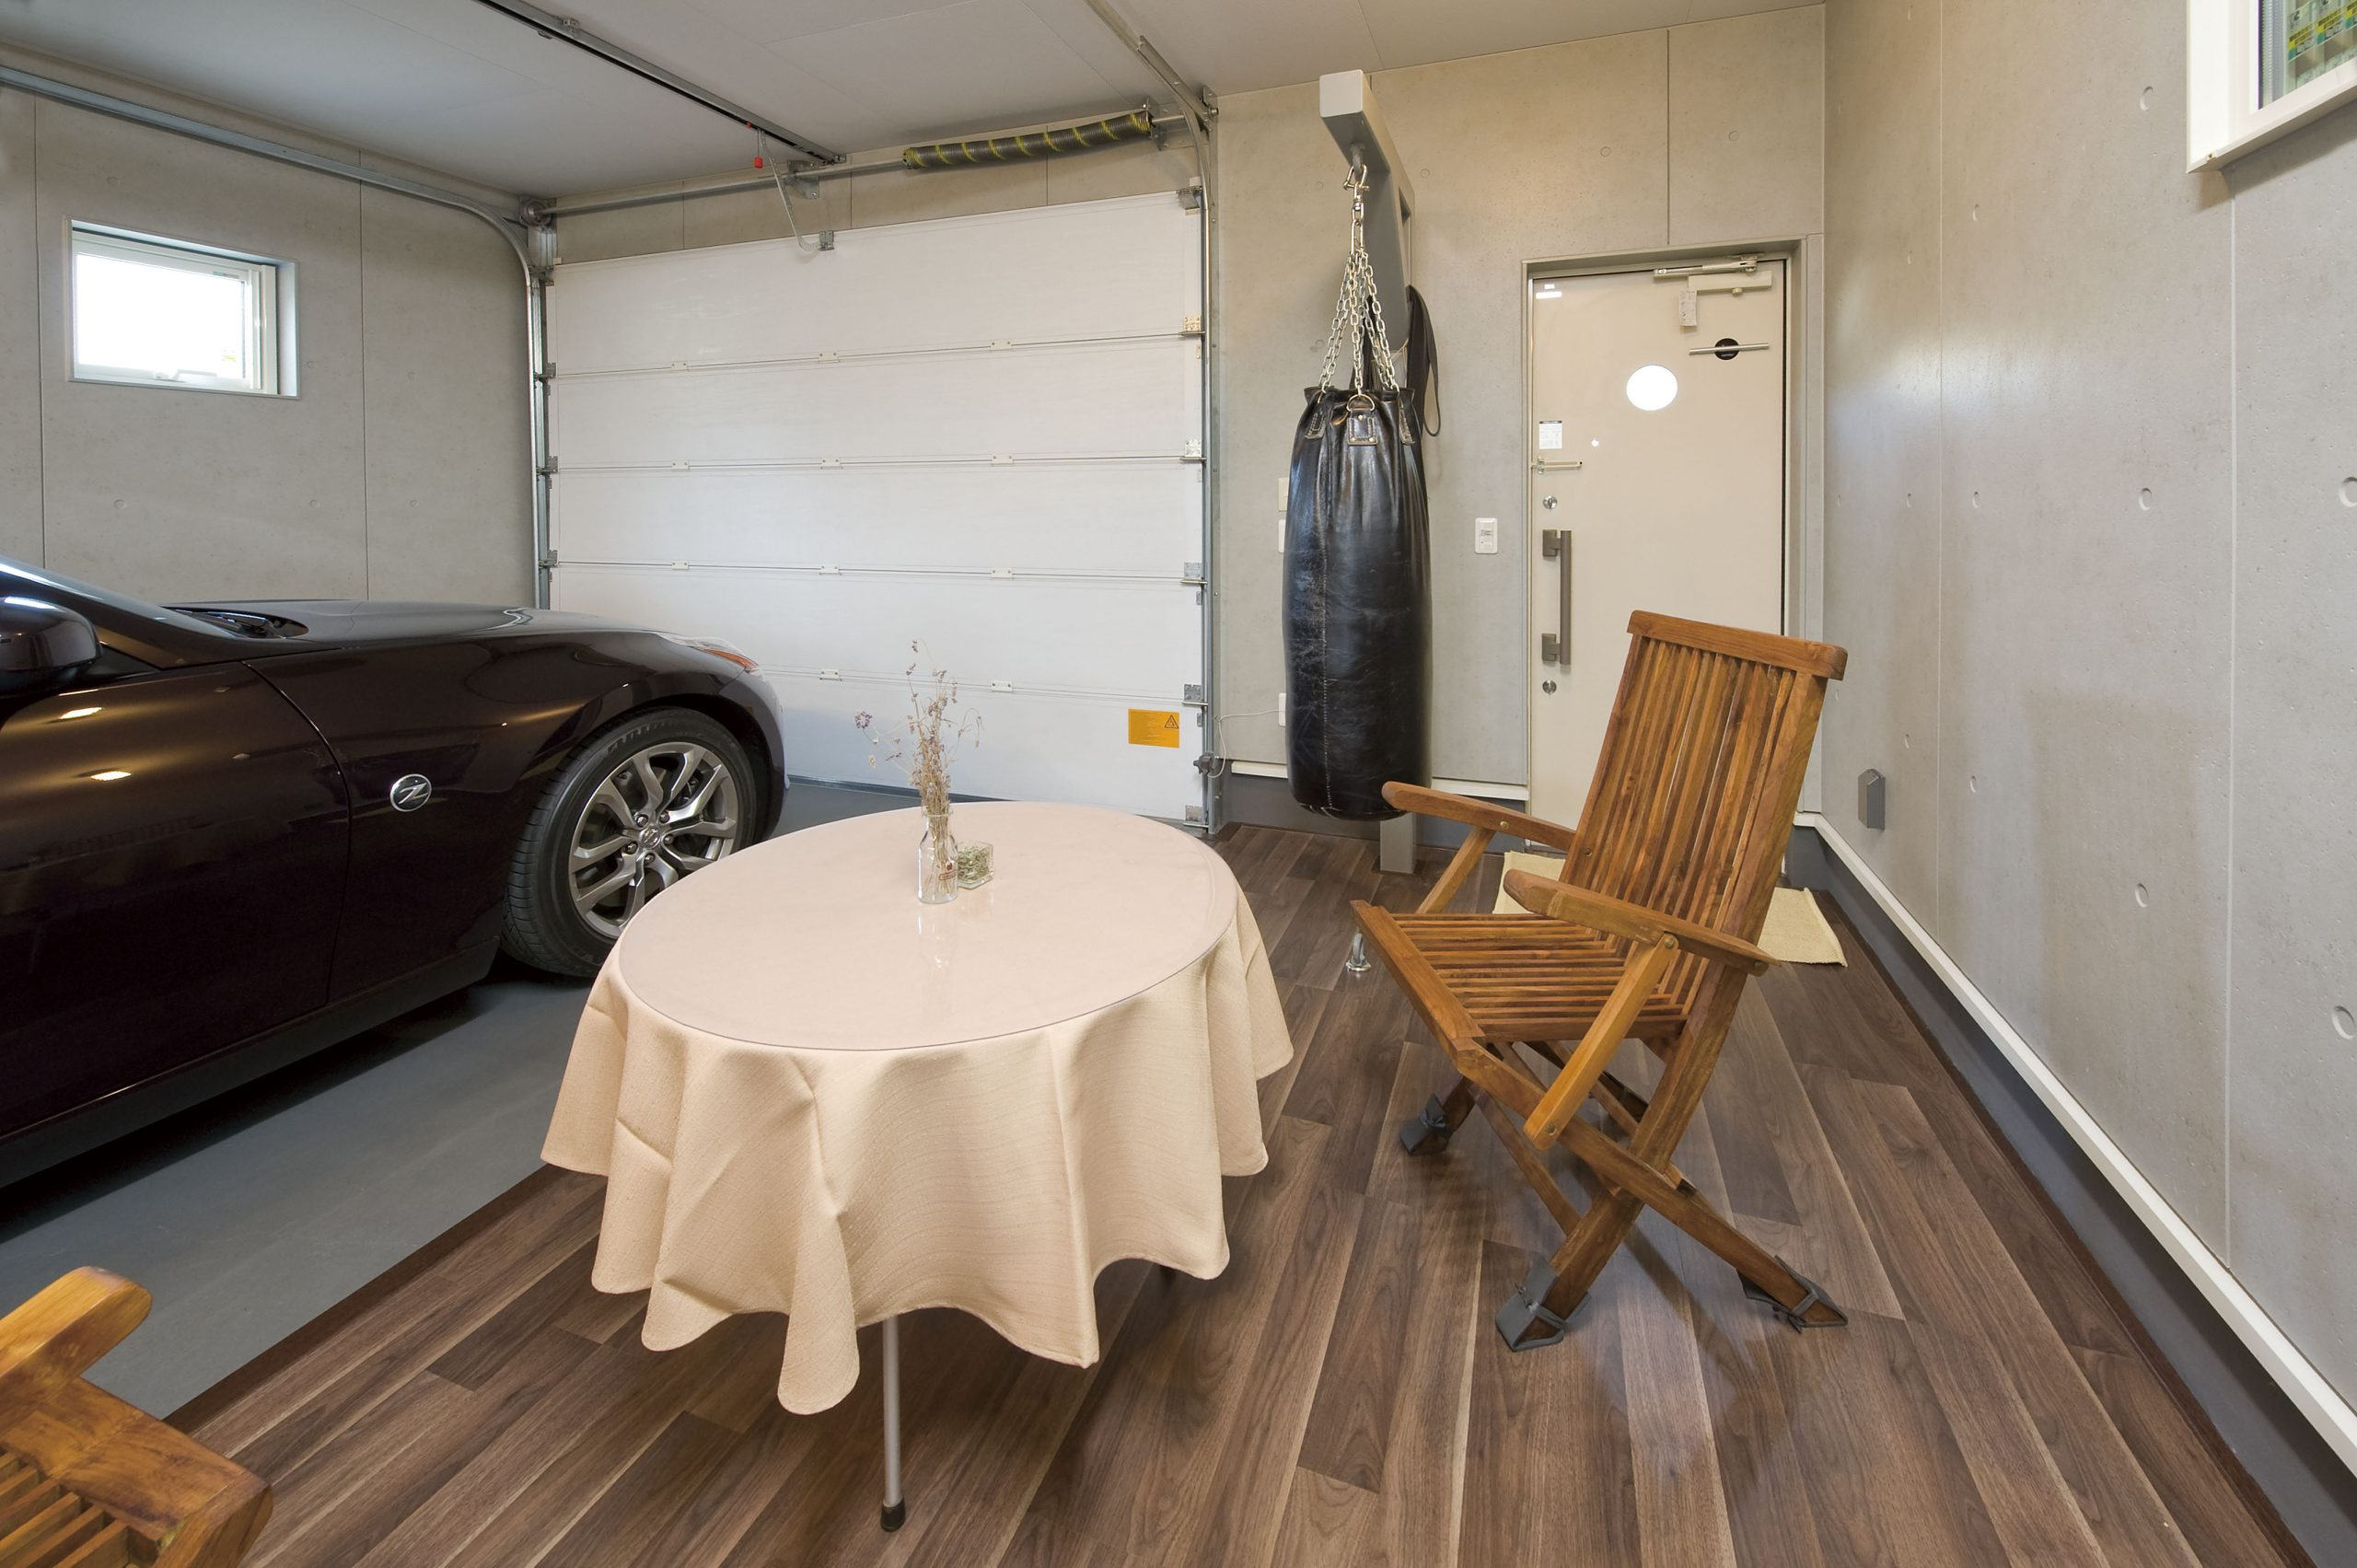 ガレージハウスの内観の画像:ガレージスペースに愛車を眺められるスペースを確保した事例、車の手入れもしやすい